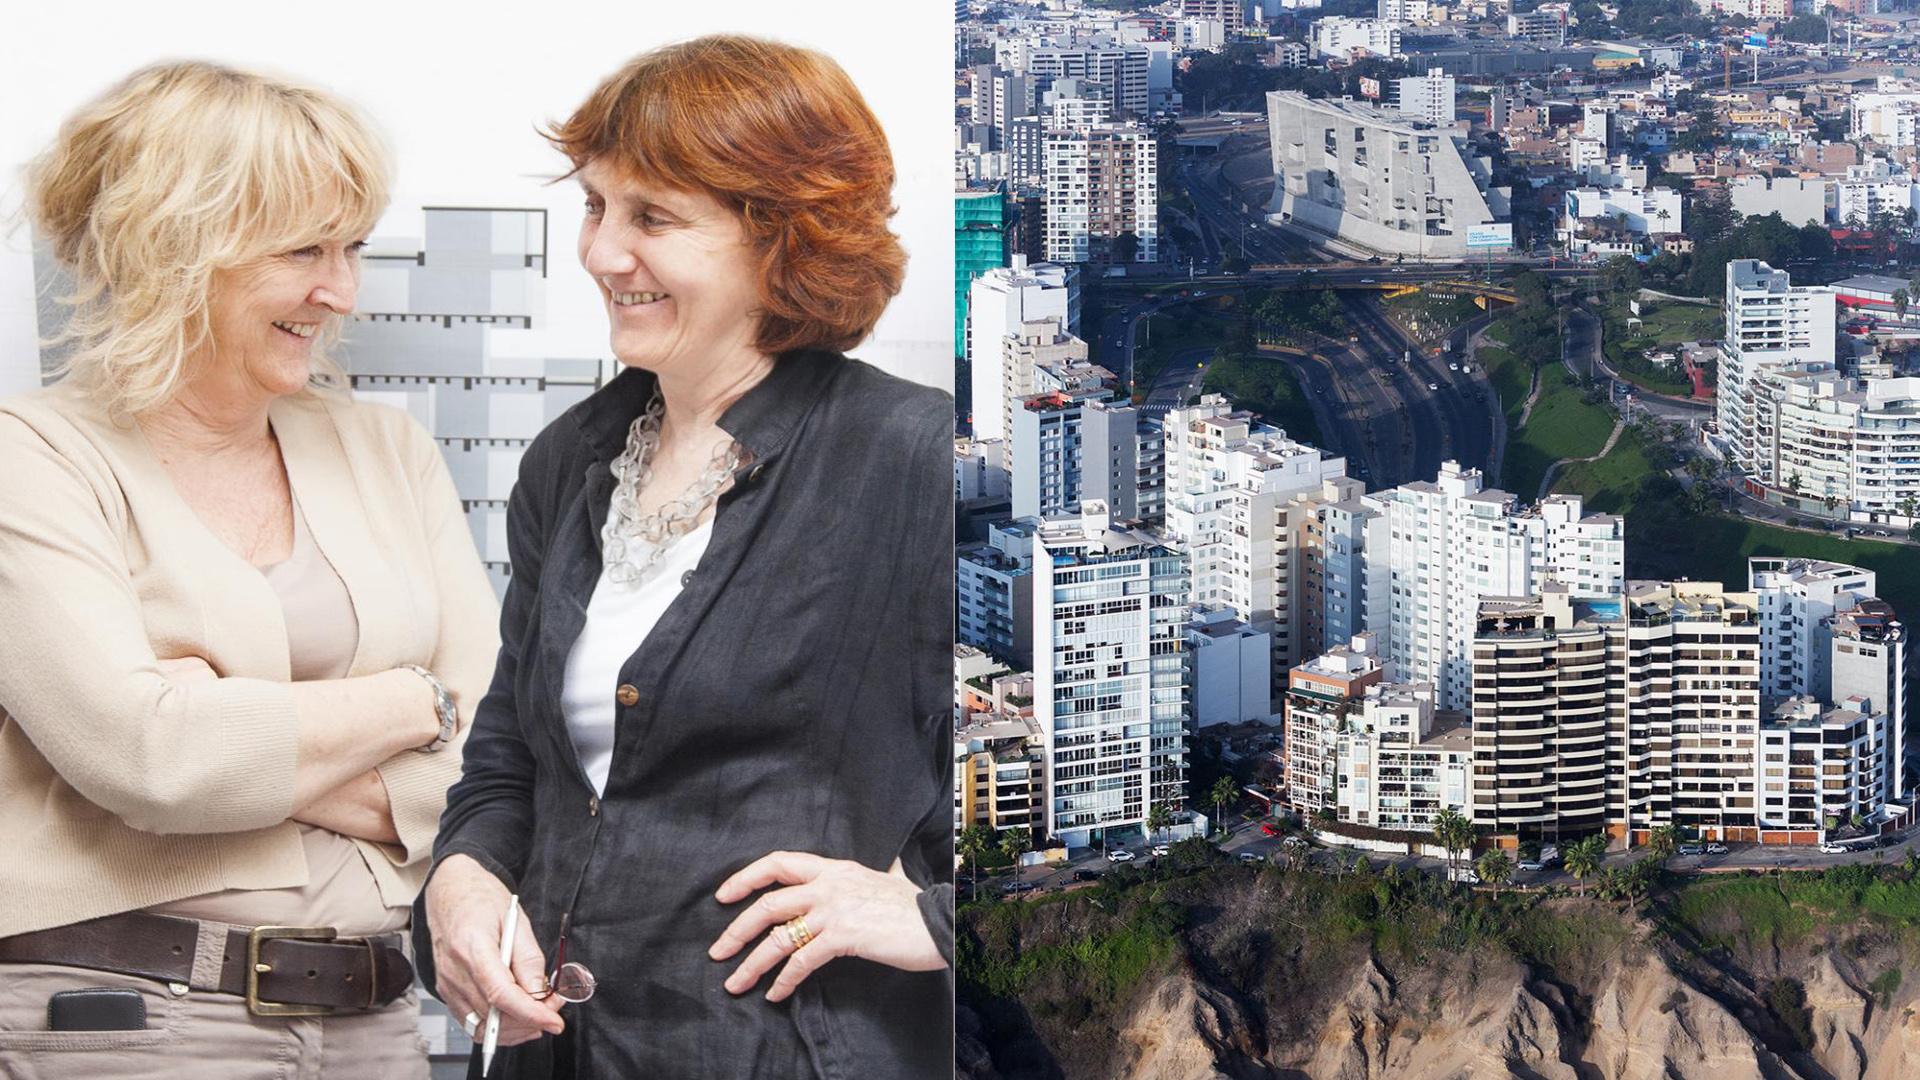 Otorgan el premio Pritzker 2020 a las arquitectas que diseñaron la UTEC